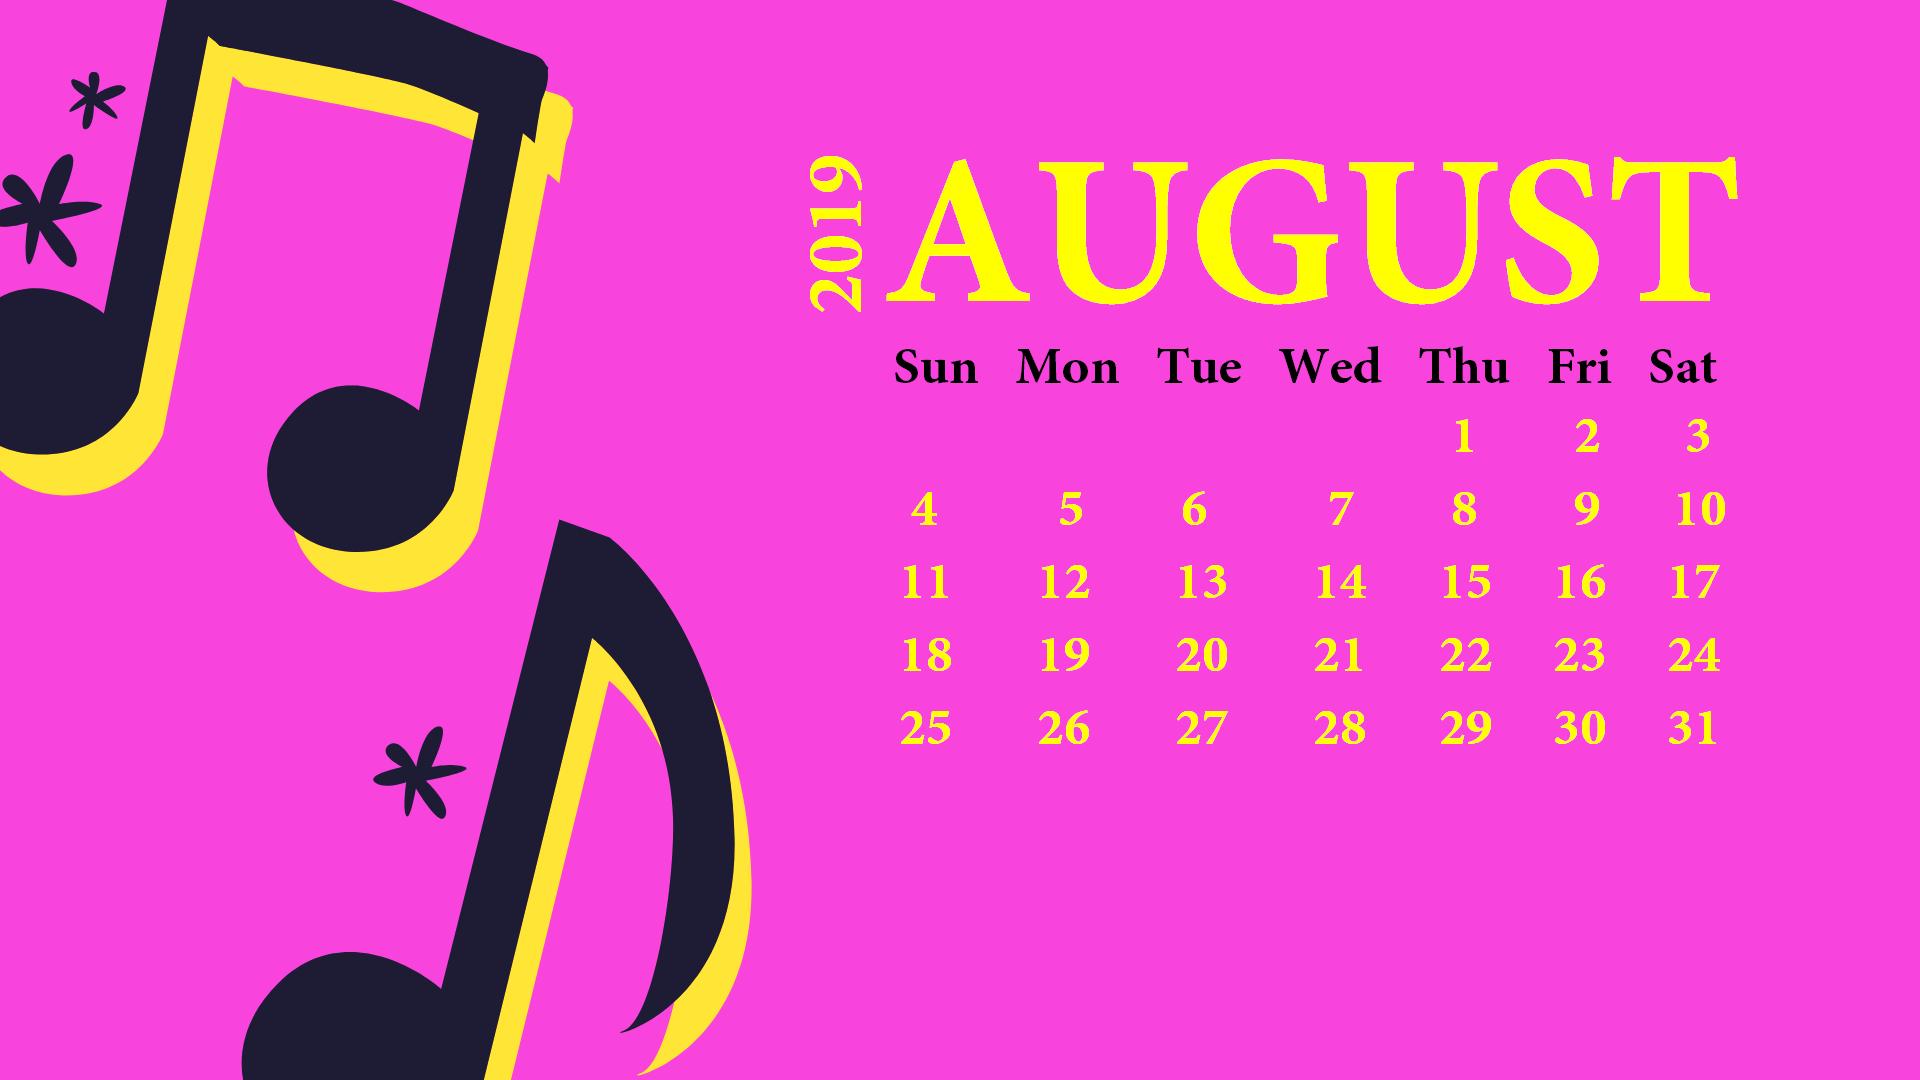 Cute August 2019 Calendar Wallpaper For Desk Calendar Wallpaper August Calendar Desktop Calendar